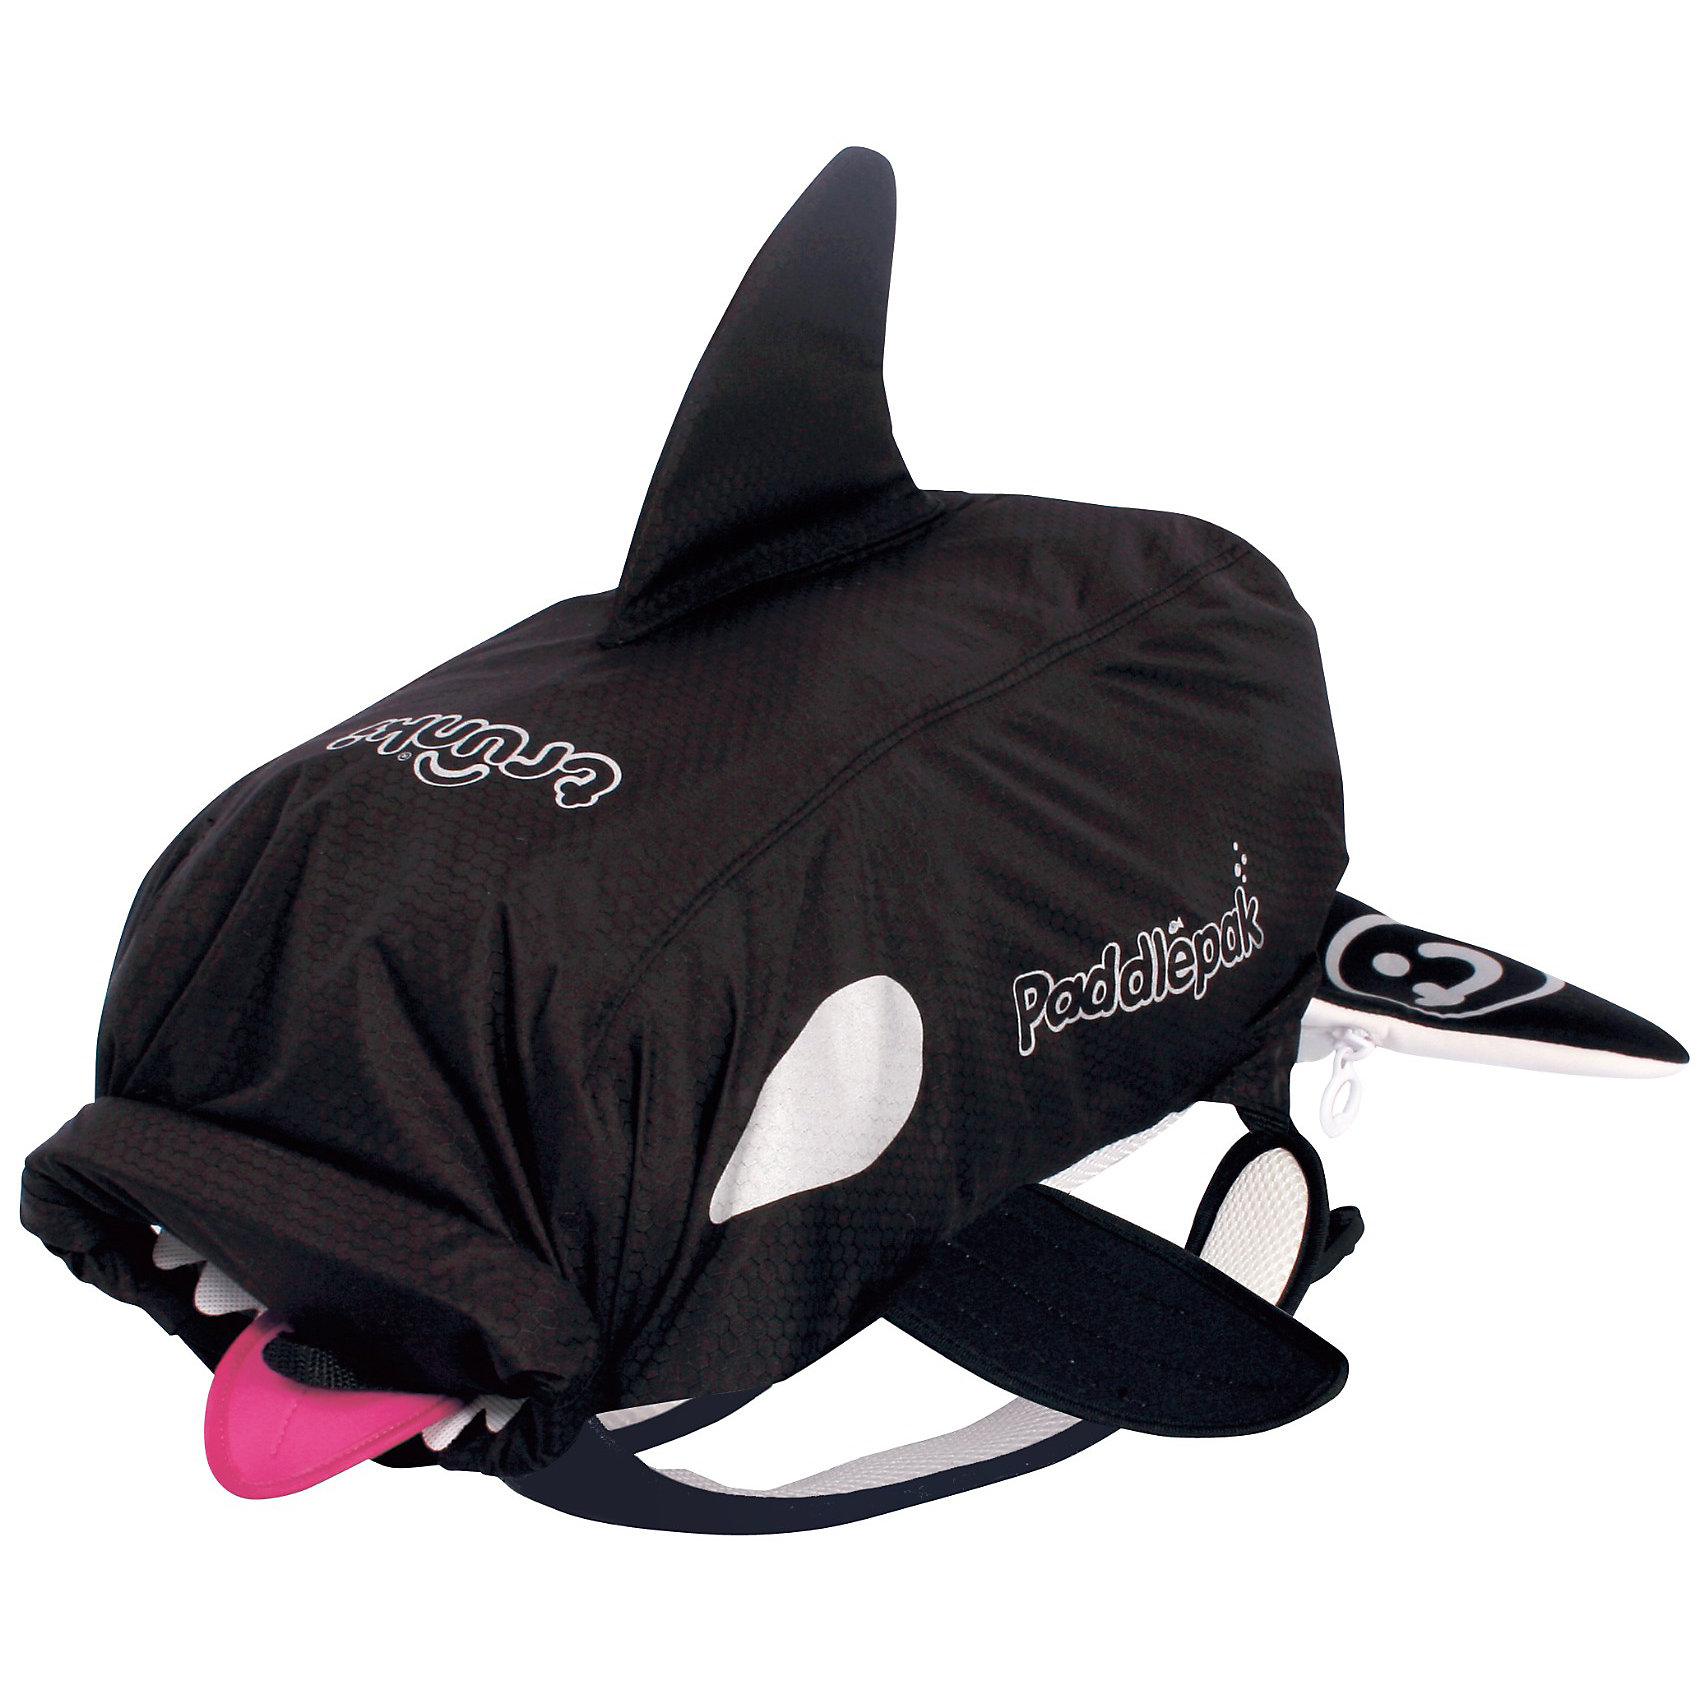 Рюкзак универсальный КОСАТКАУниверсальный рюкзак Касатка - стильный нарядный рюкзачок, который замечательно подойдет для занятий спортом, поездок и путешествий. Необычный рюкзак выполнен из прочного водоотталкивающего материала в виде касатки черно-белого цвета с плавниками. Рюкзак<br>закрывается с помощью оригинальной крышки-скрутки, а уникальная застежка top-roll сохранит содержимое и защитит от проникновения воды. Внутри одно большое отделение с вместительным карманом глубиной 40 см. На внешней стороне рюкзака имеются специальное крепление, куда можно подвесить детские солнцезащитные очки, а также сетчатый карман и карман в виде хвоста касатки для различных мелочей. Рюкзак оснащен широкими эргономичными лямками, которые регулируются до нужного размера. Светоотражающие элементы обеспечивают безопасность на дороге и в темное время суток. Яркий стильный аксессуар непременно понравится Вашему ребенку и превратит любую поездку в веселое приключение.<br><br>Дополнительная информация:<br><br>- Материал: текстиль. <br>- Объем: 10 л. <br>- Размер рюкзака: 54 х 32 х 12 см.<br>- Размер упаковки: 54 х 32 х 5 см.<br>- Вес: 0,3 кг.<br><br>Рюкзак универсальный Касатка, Trunki, можно купить в нашем интернет-магазине.<br><br>Ширина мм: 524<br>Глубина мм: 367<br>Высота мм: 46<br>Вес г: 266<br>Возраст от месяцев: 36<br>Возраст до месяцев: 60<br>Пол: Унисекс<br>Возраст: Детский<br>SKU: 2808084